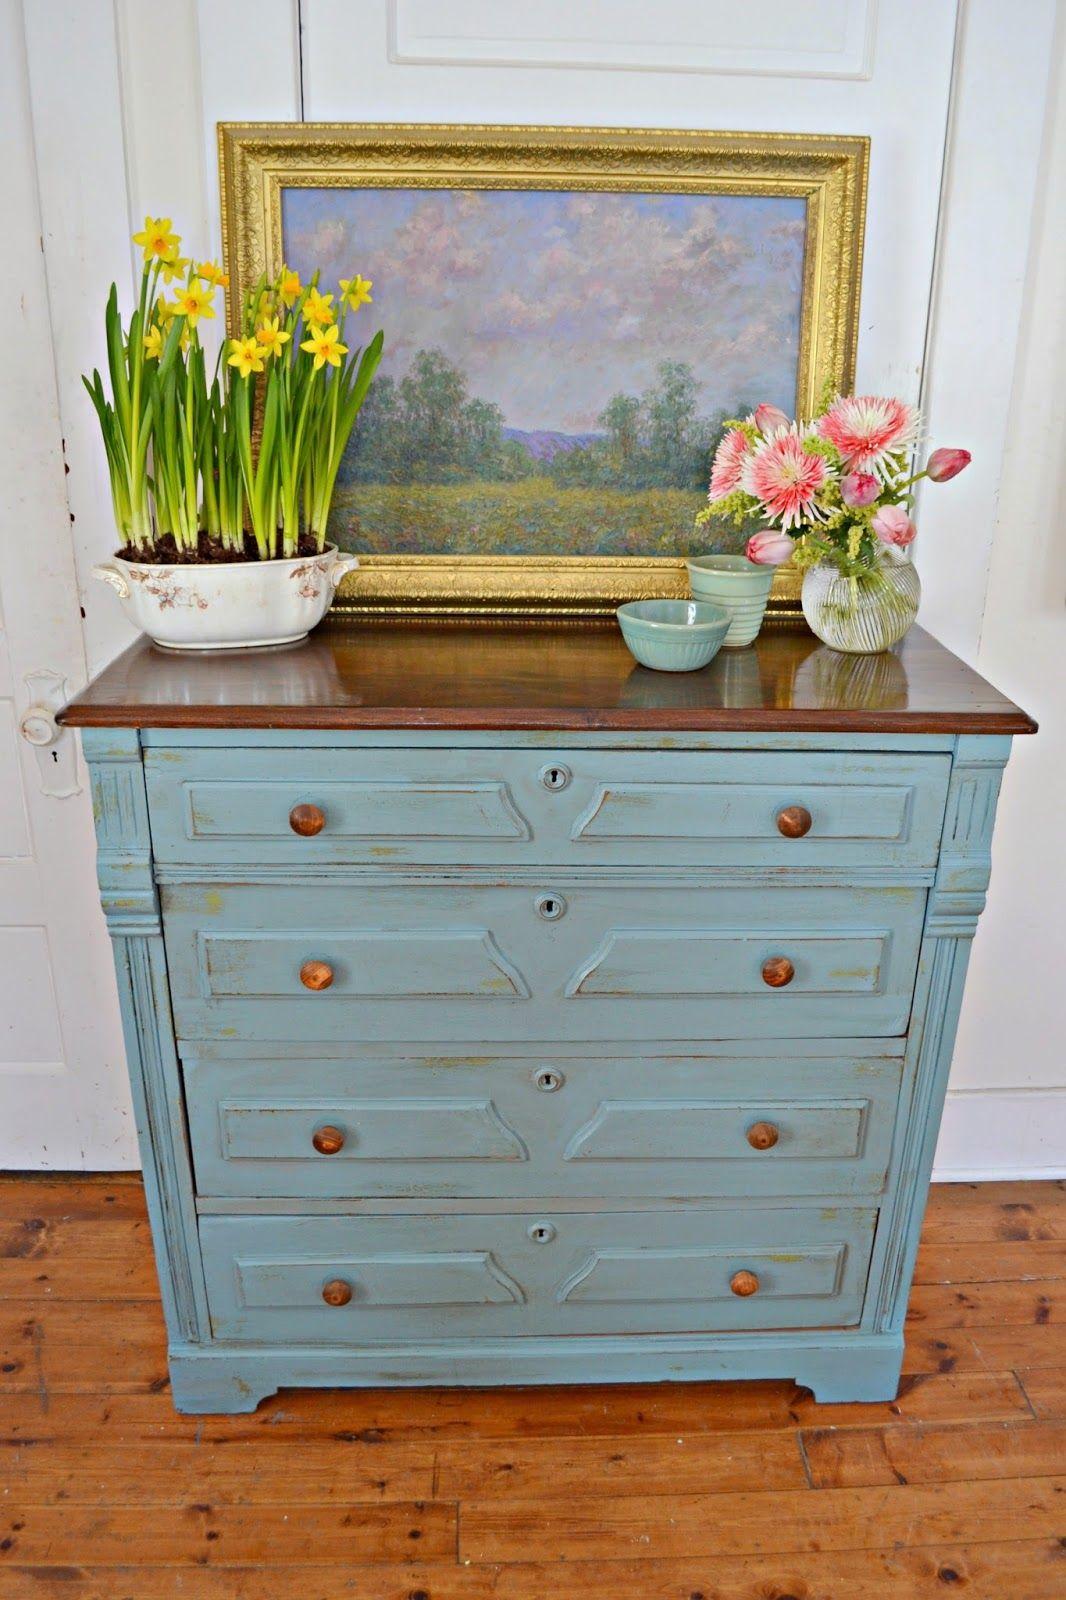 Heir and Space: An Antique Walnut Dresser